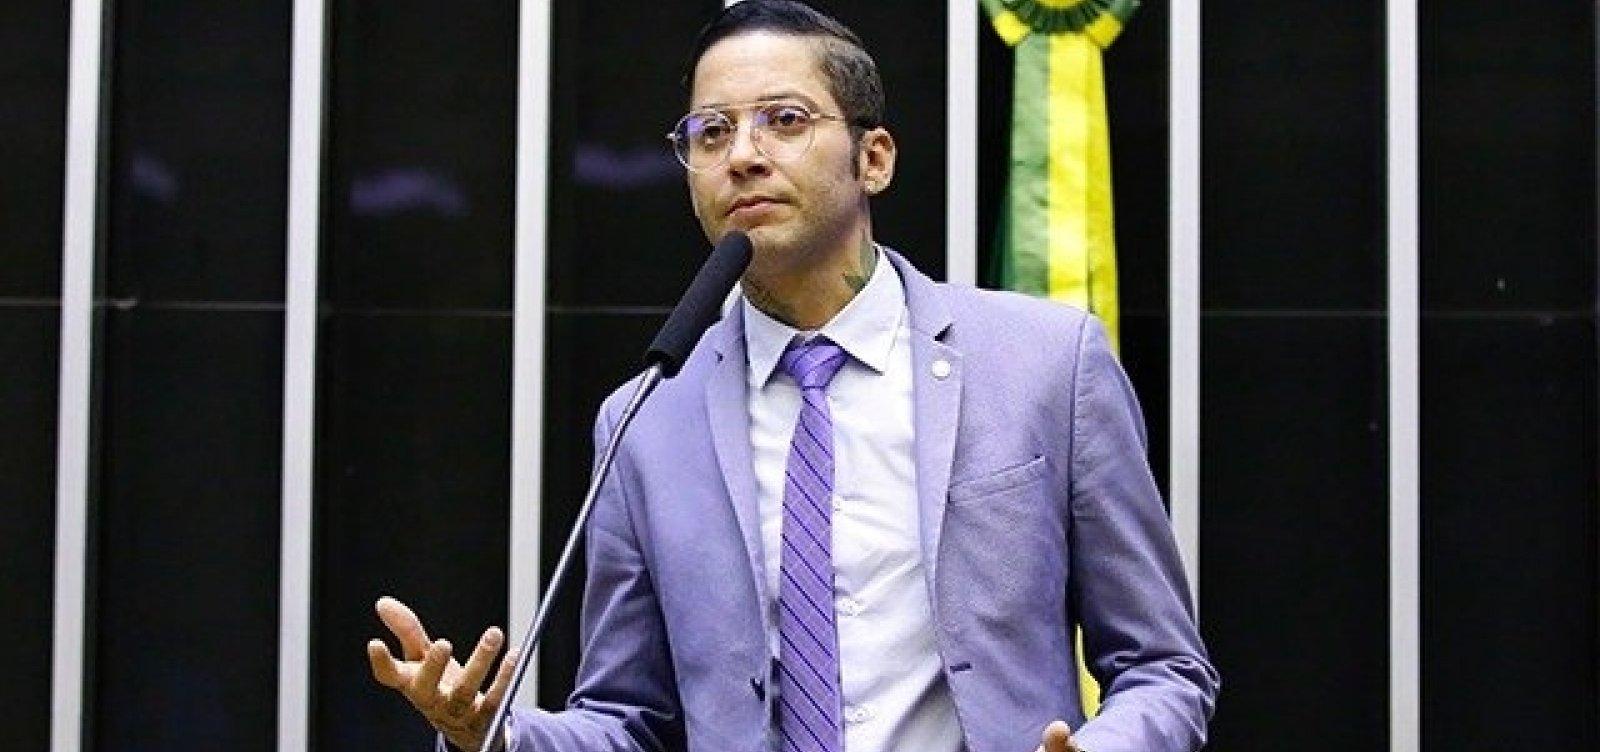 Kannário é suspeito de agredir piscineiro; deputado afirma que foi um mal-entendido